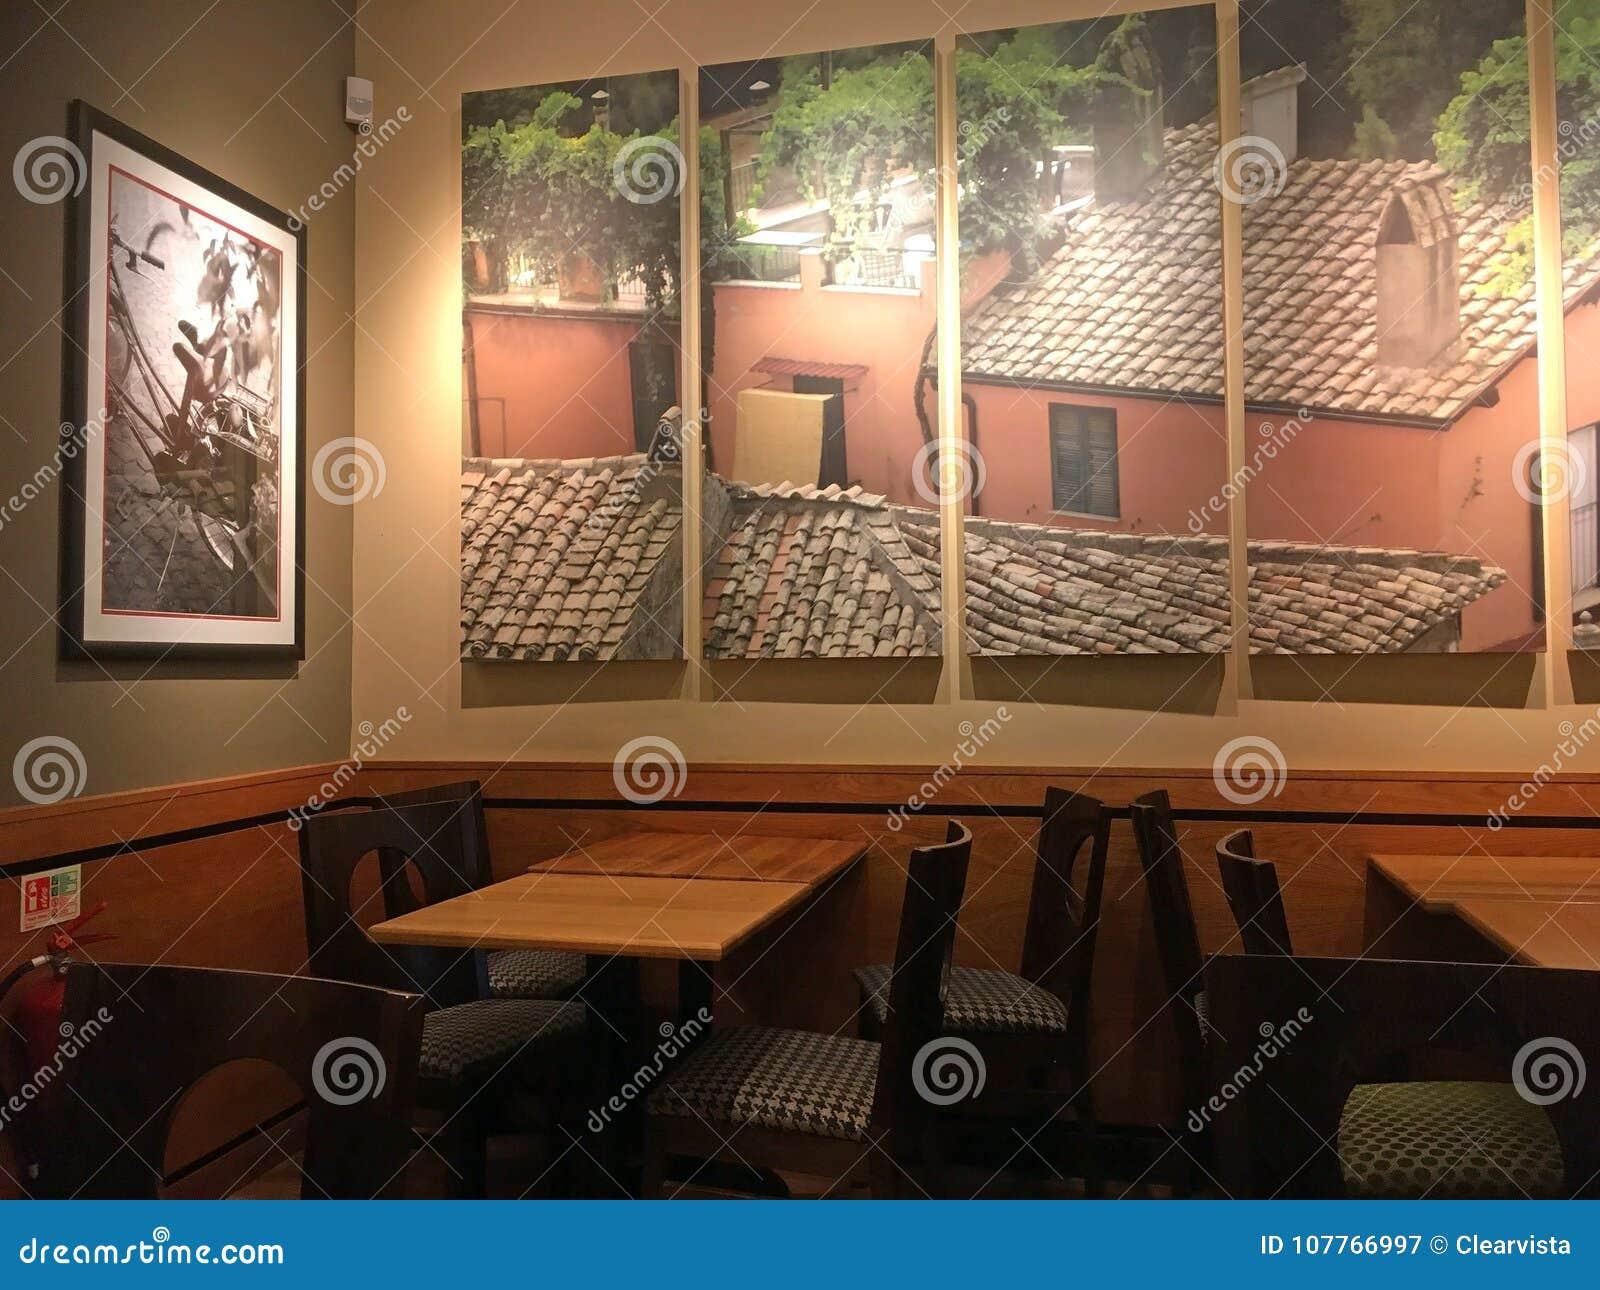 Peinture Murale Dans Un Café Moderne Photographie éditorial - Image ...